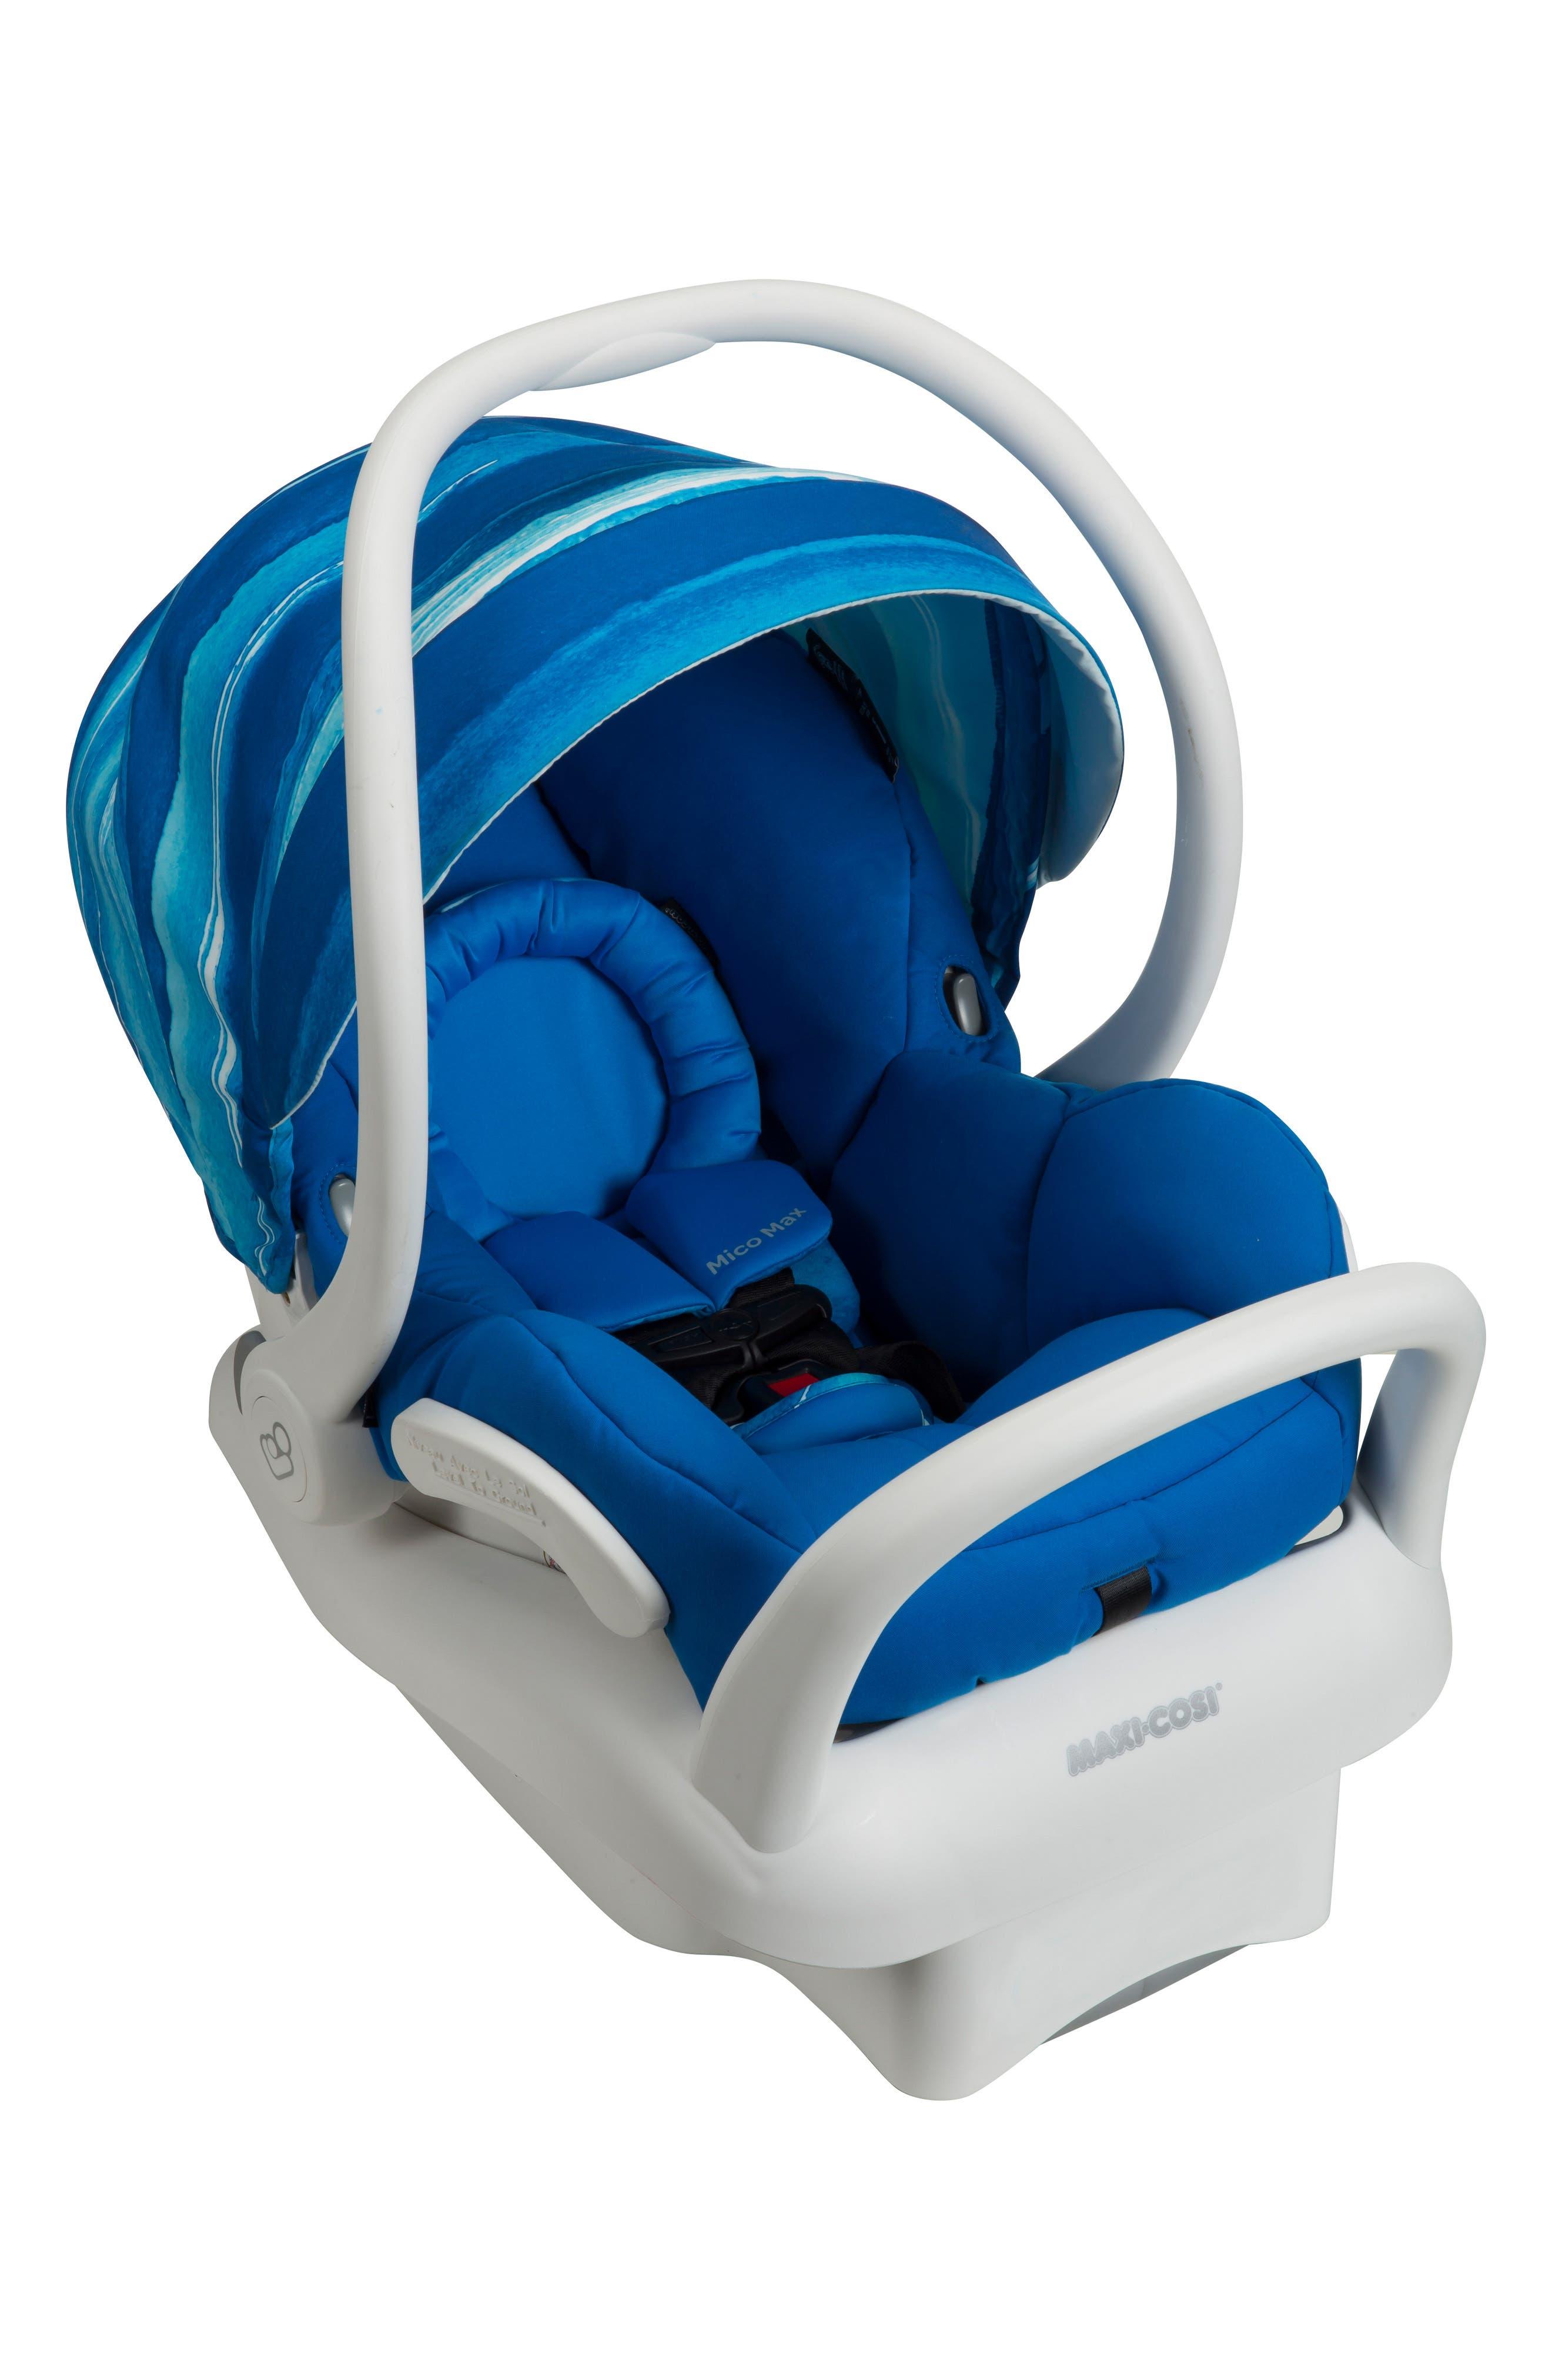 MAXI-COSI® 'Mico Max 30 Special Edition' Car Seat